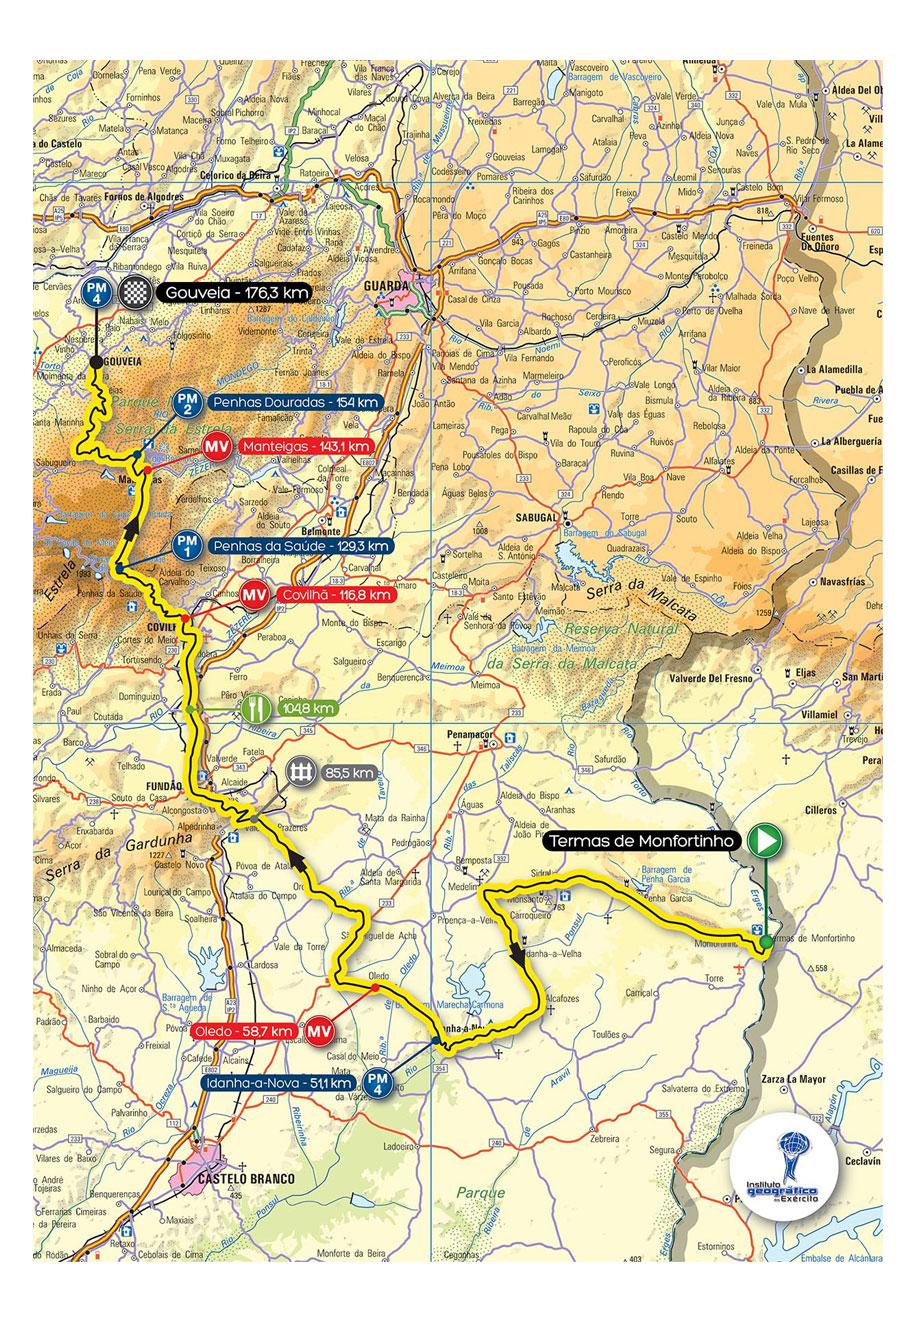 Streckenverlauf Volta a Portugal em Bicicleta Liberty Seguros 2013 - Etappe 7